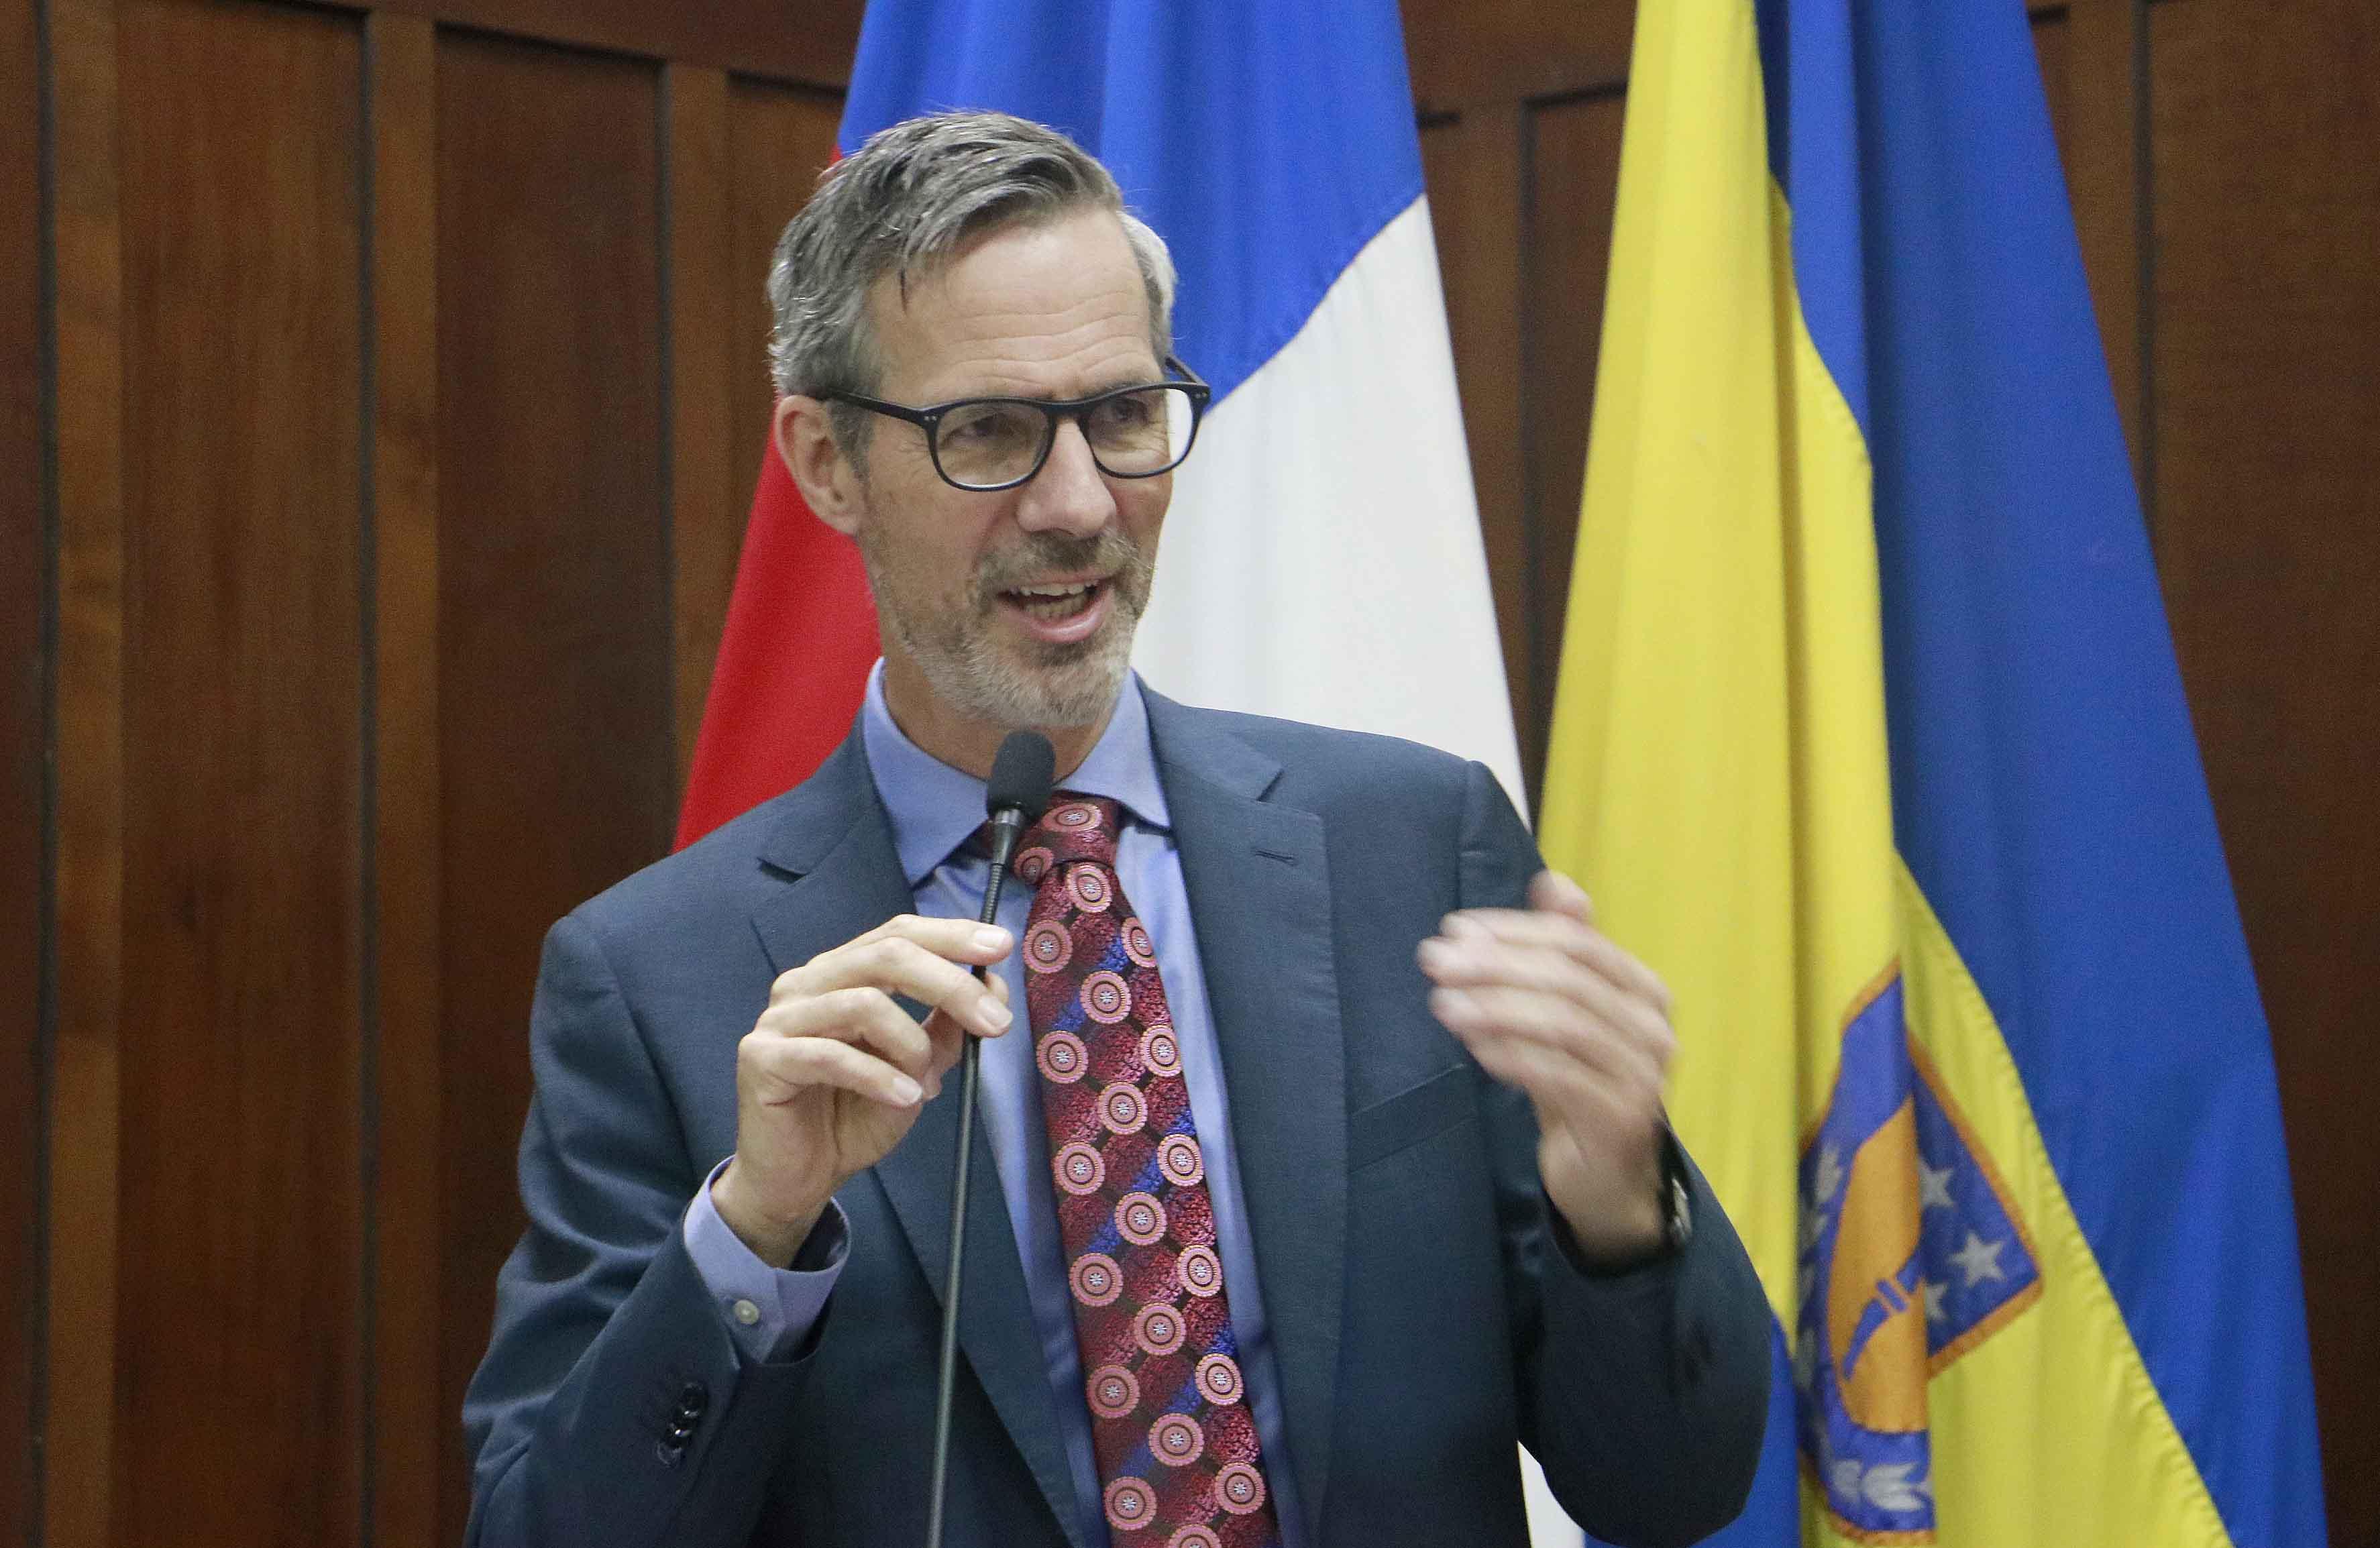 Embajador de Países Bajos expuso la propuesta de su país frente al cambio climático